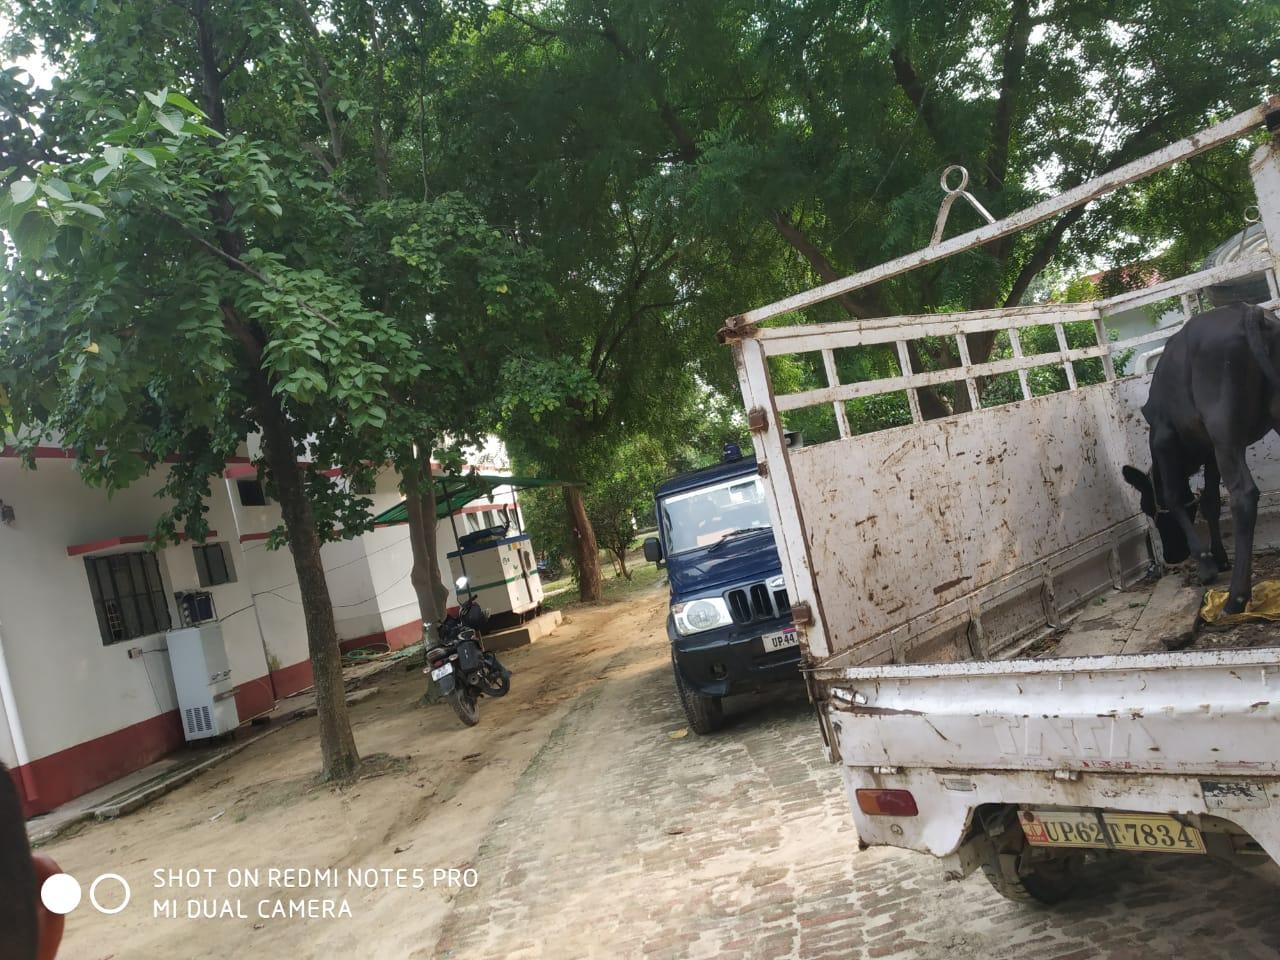 हिंदी समाचार |दबंग द्वारा महिला की पिटाई,...